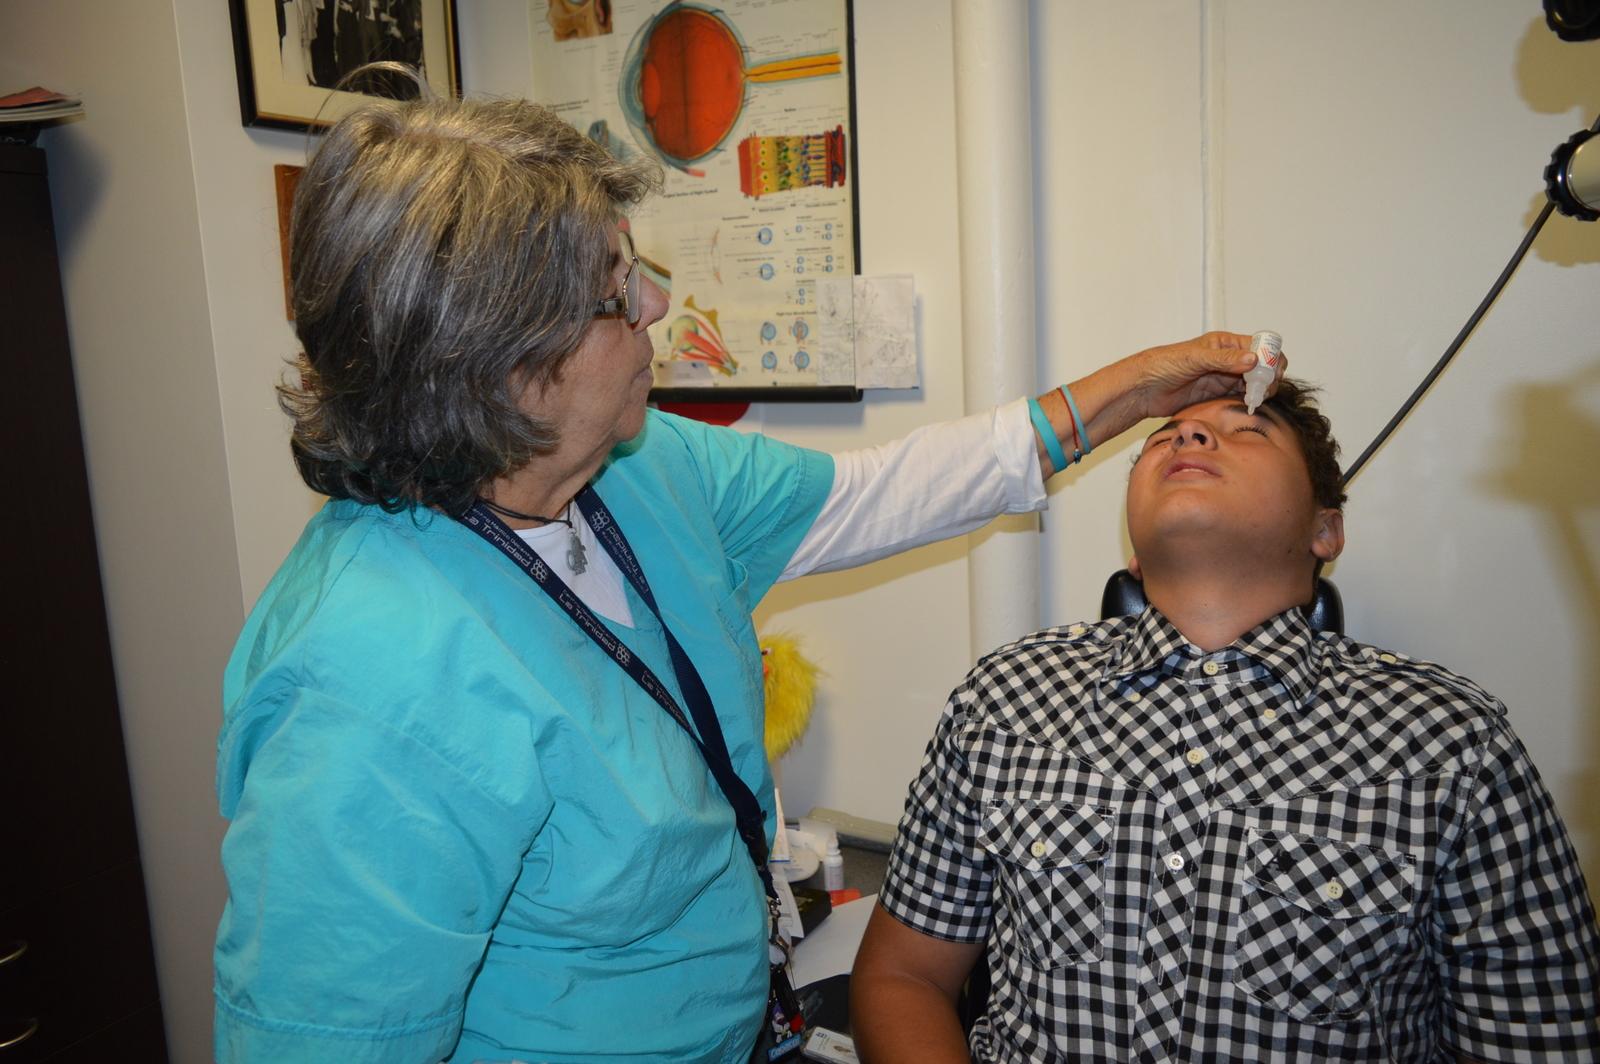 Actividad intramuros de atención médica – Dra. Evlin Yebaile, oftalmólogo del CMDLT